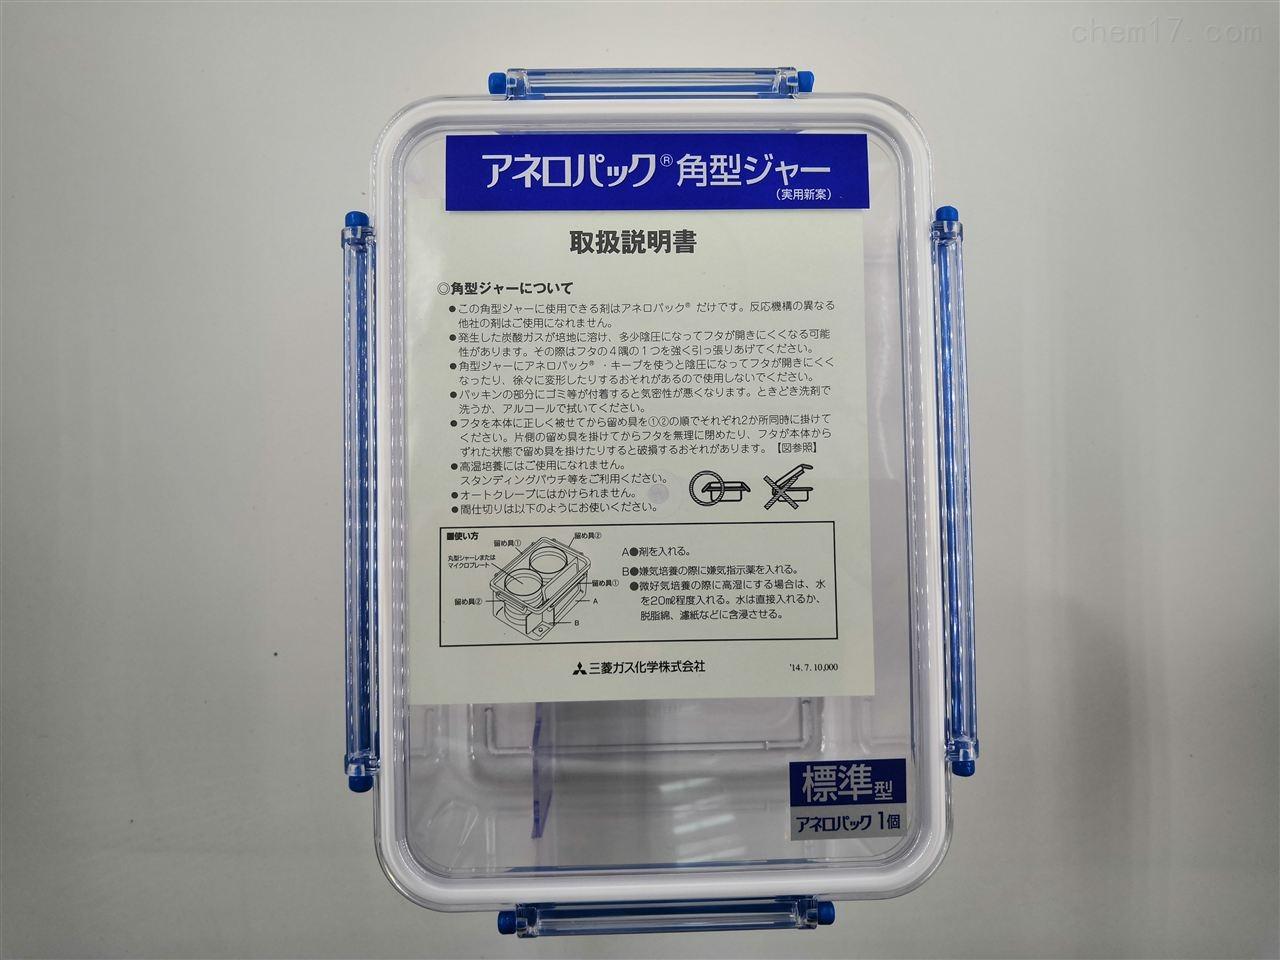 2.5L密封厌氧培养罐日本三菱微生物厌氧盒